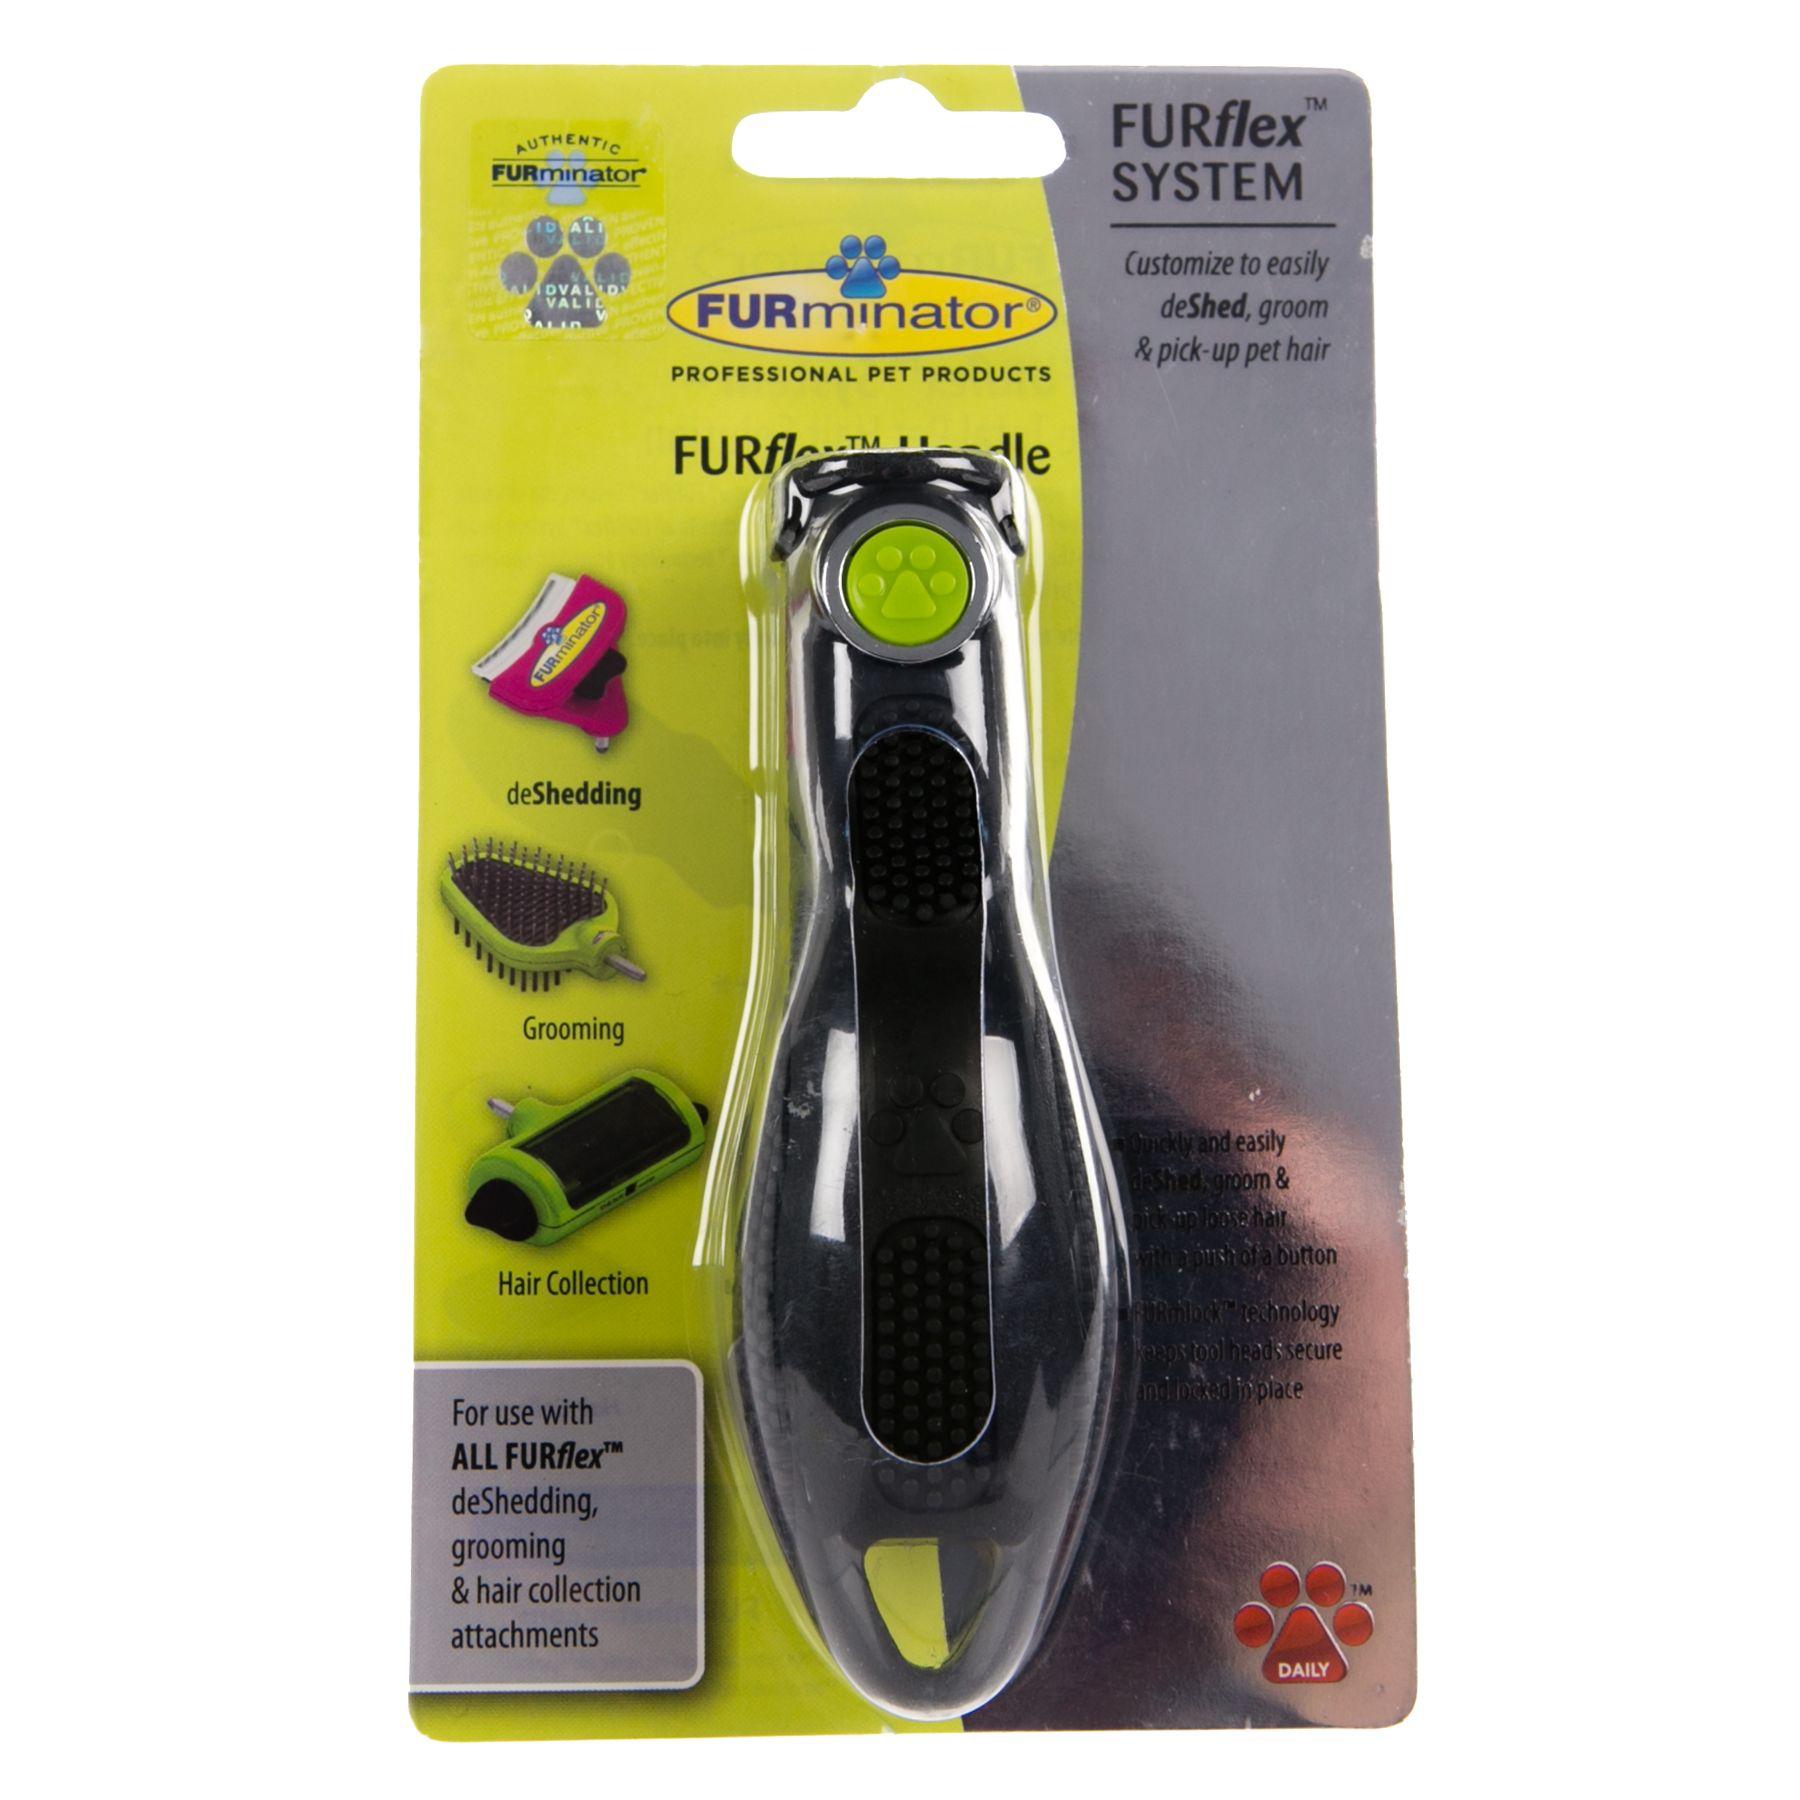 FURminator FURflex, Grooming Tool Handle 5238743